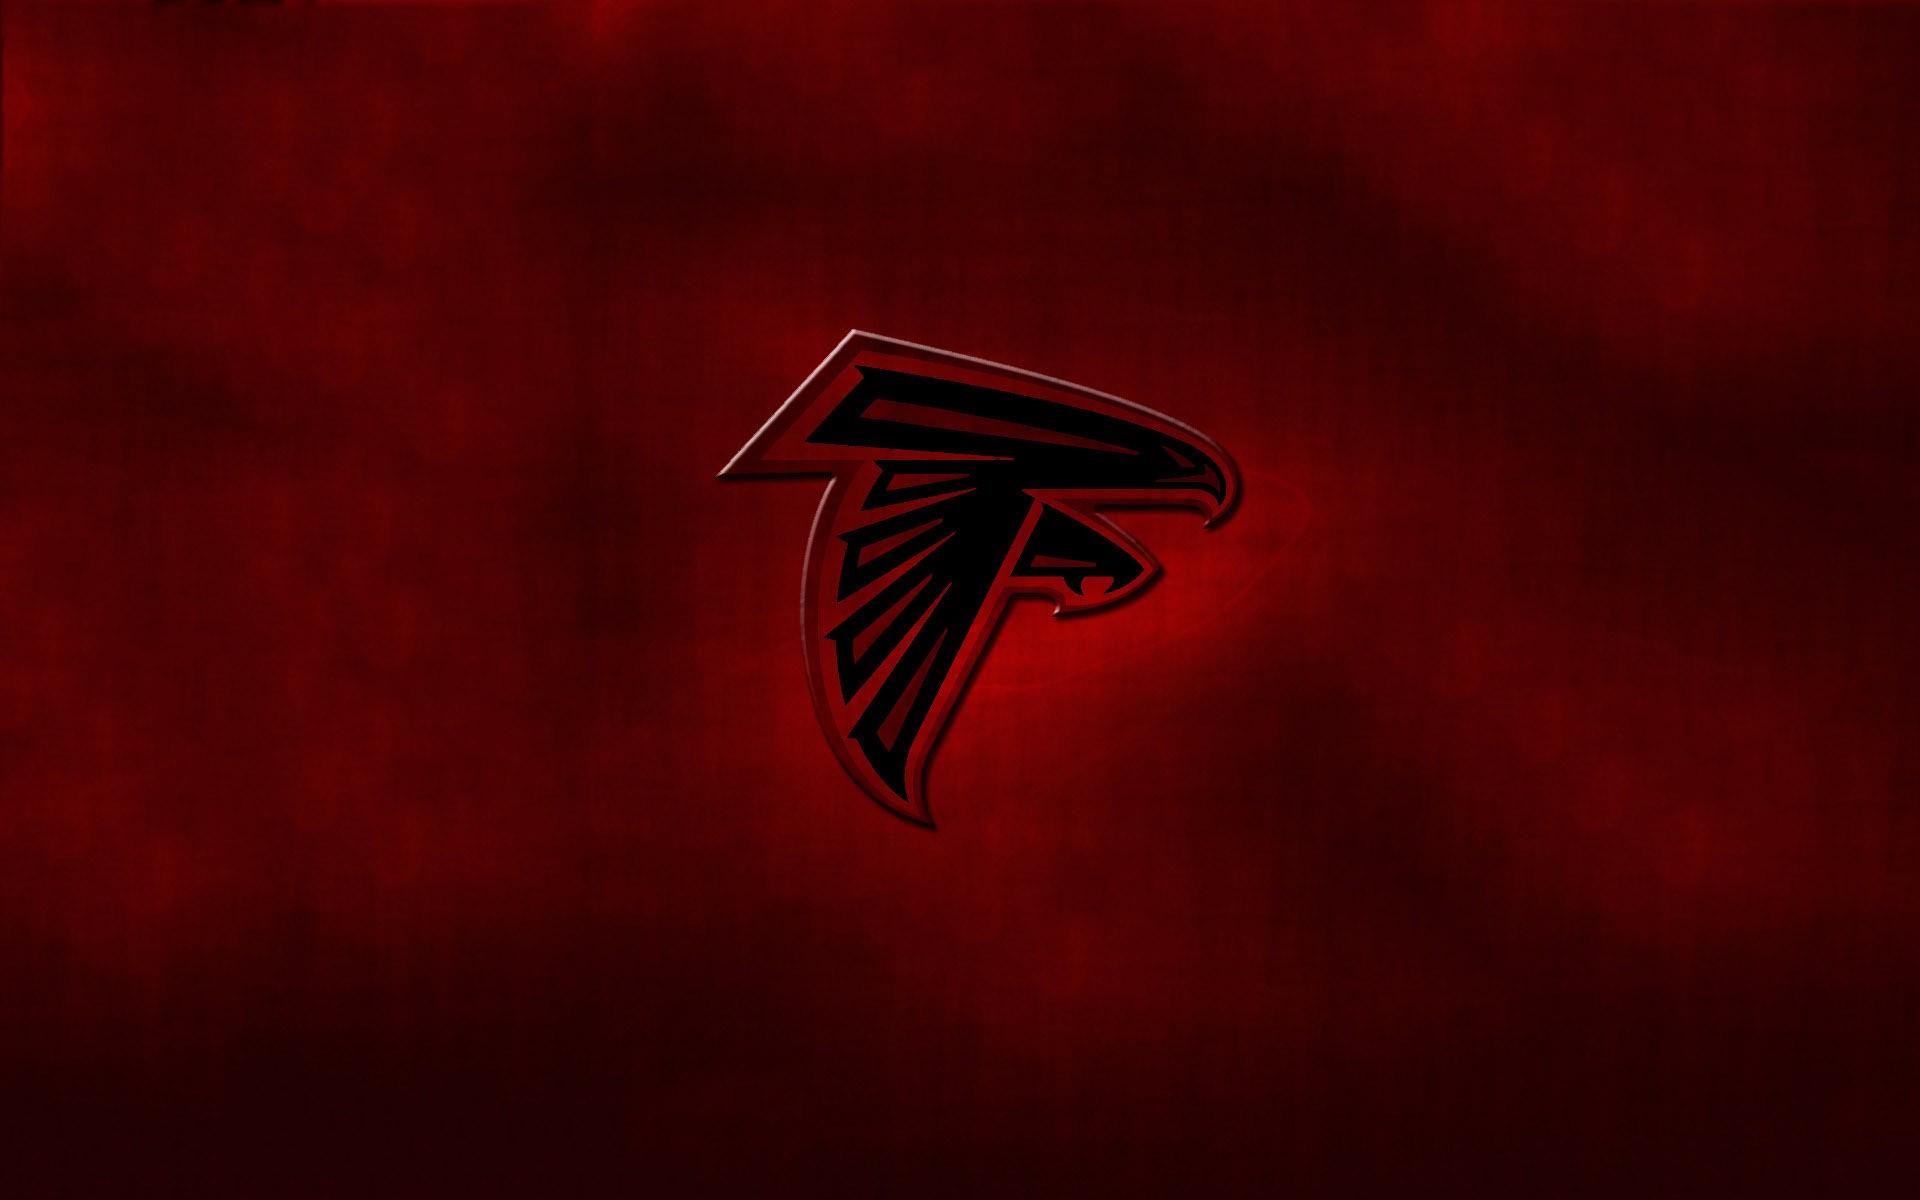 Atlanta Falcons Iphone Wallpaper Wallpapersafari Atlanta: Free Atlanta Falcons Wallpaper